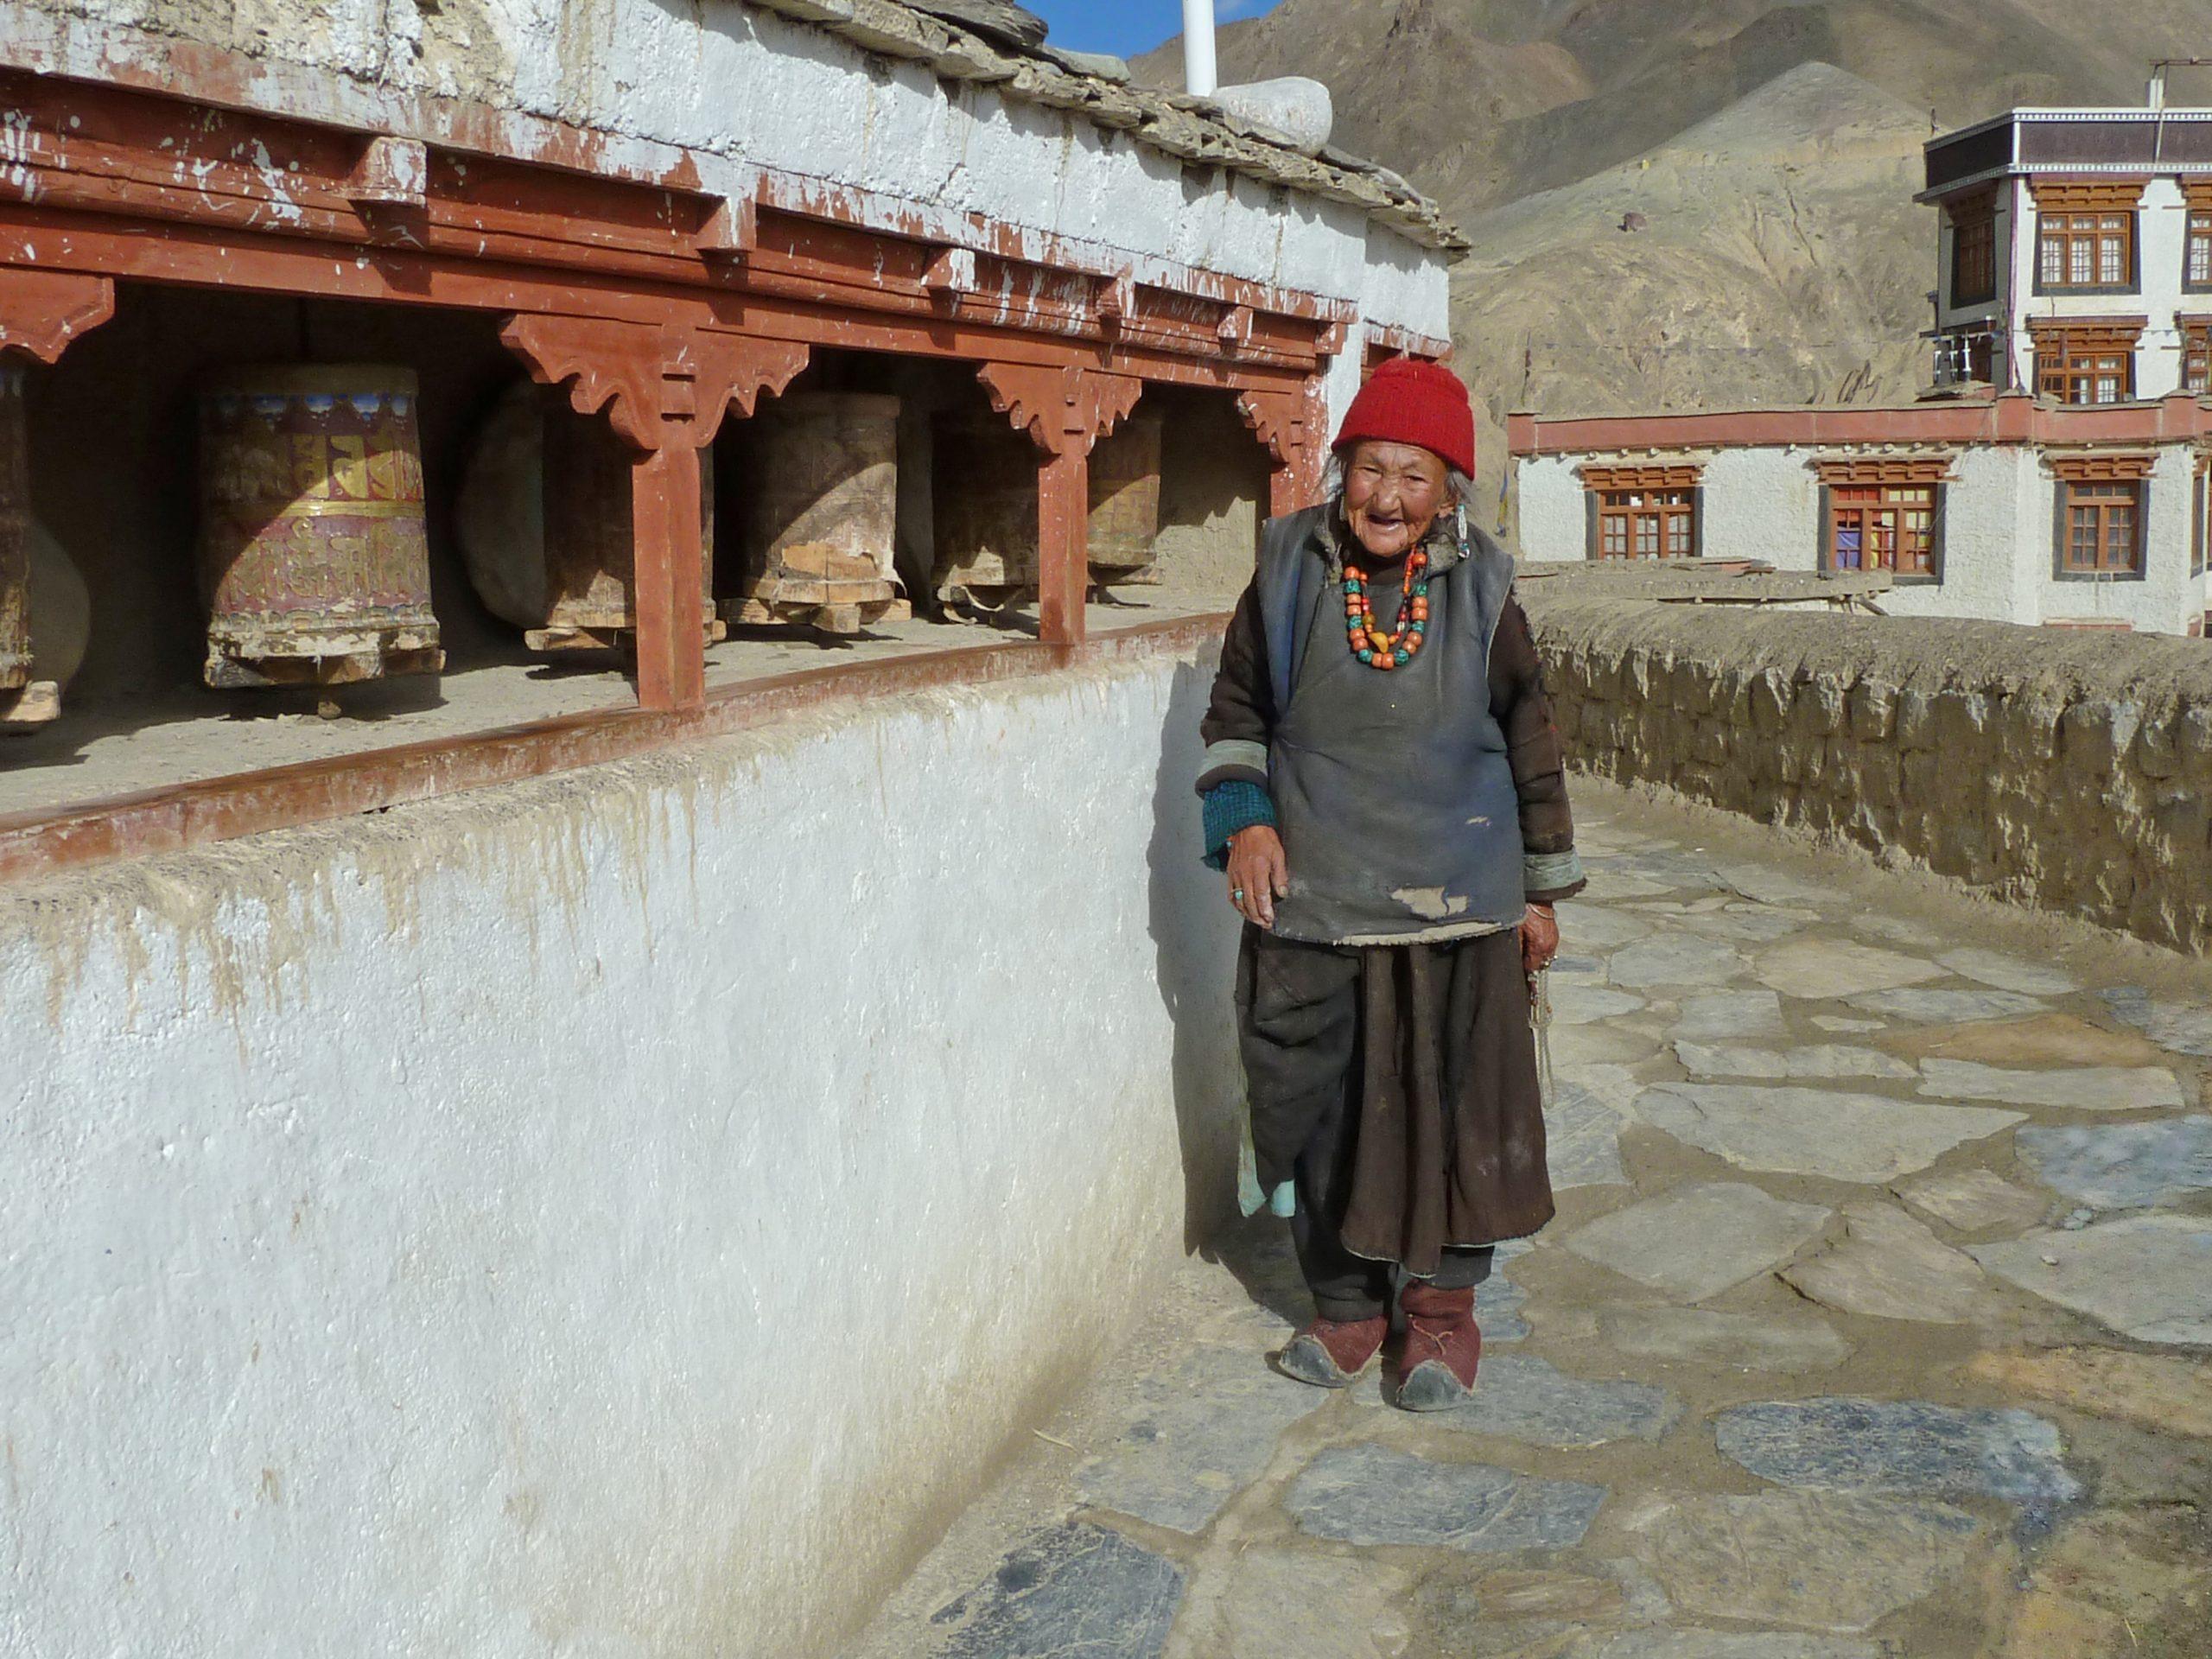 Radreise Ladakh 2012 - Kloster Lamayuru - Alte Frau bei den Gebetsmühlen